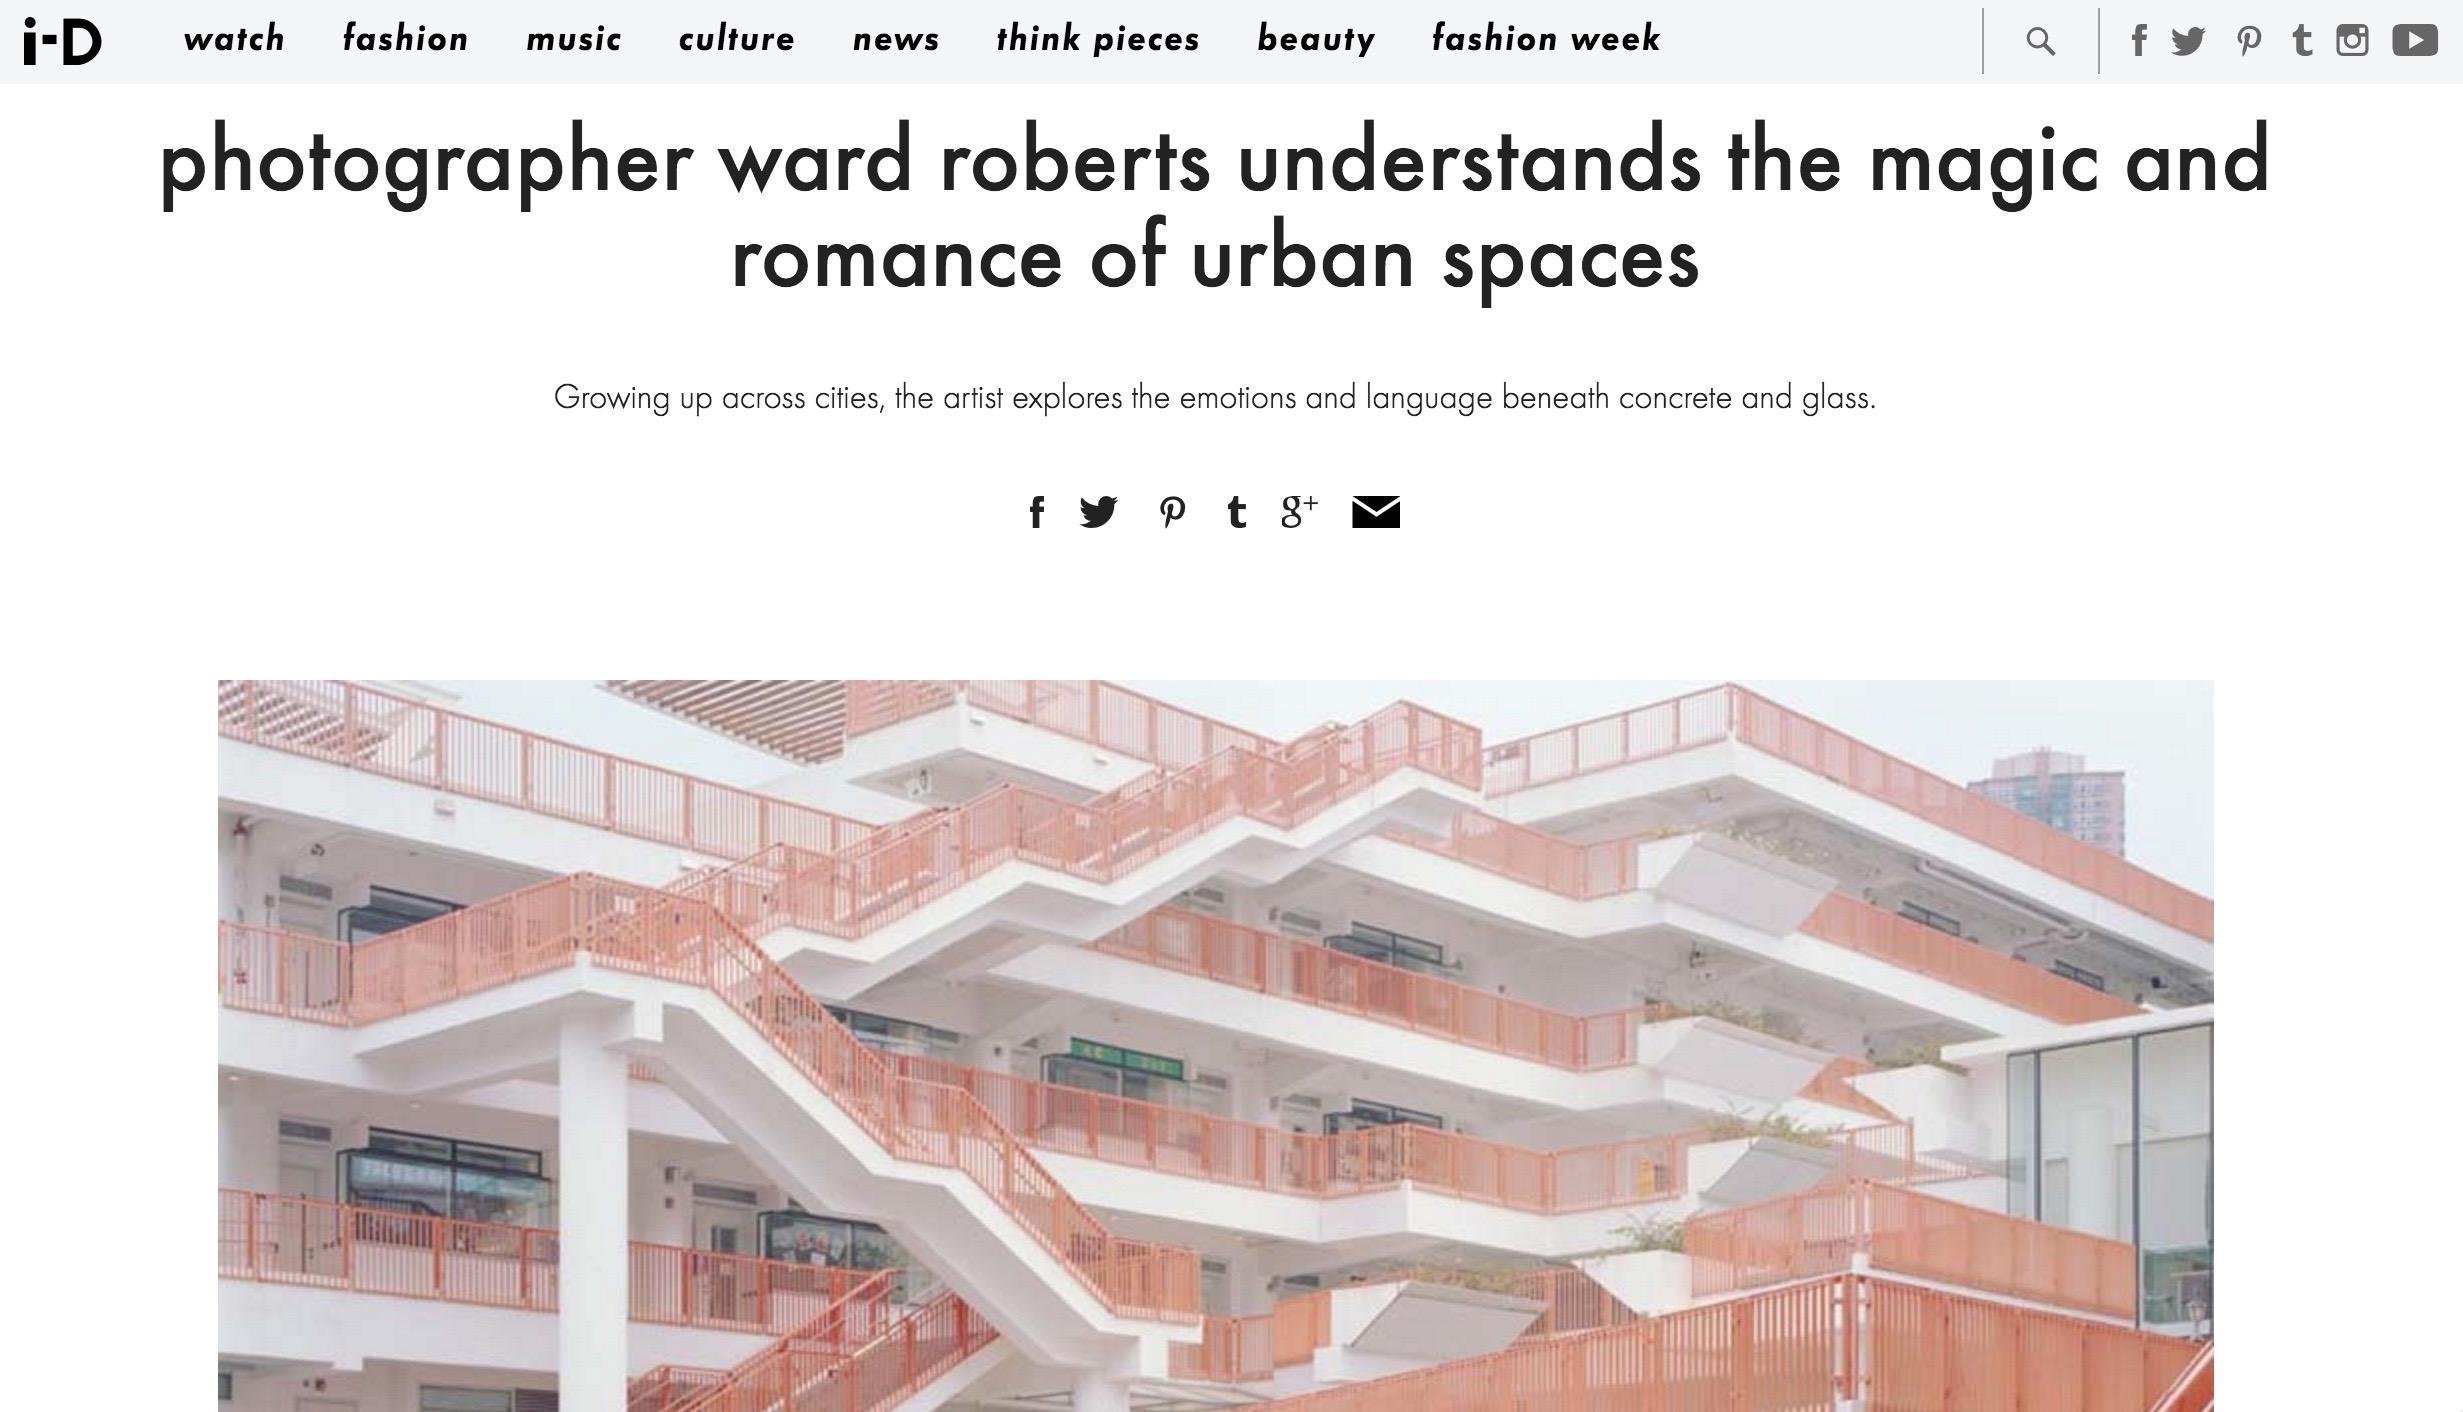 2. i-D : Ward Roberts